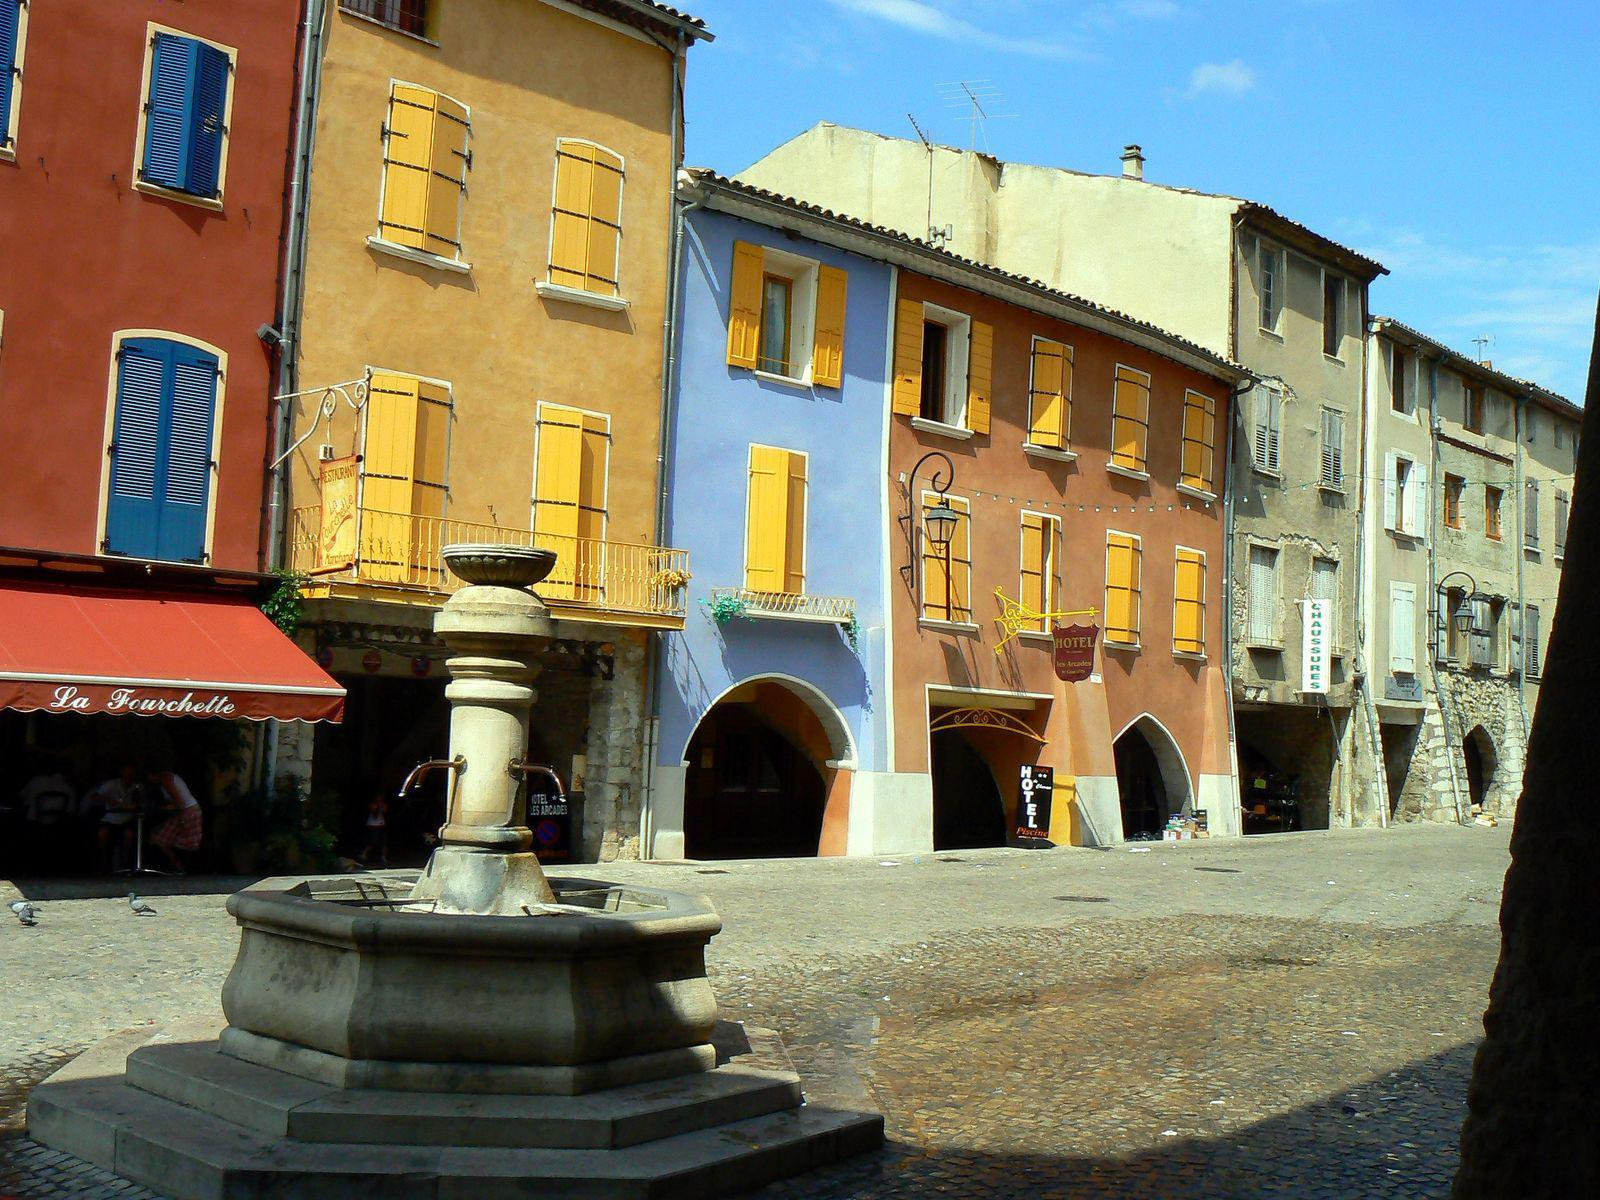 Image : Office de Tourisme** de Buis-les-baronnies